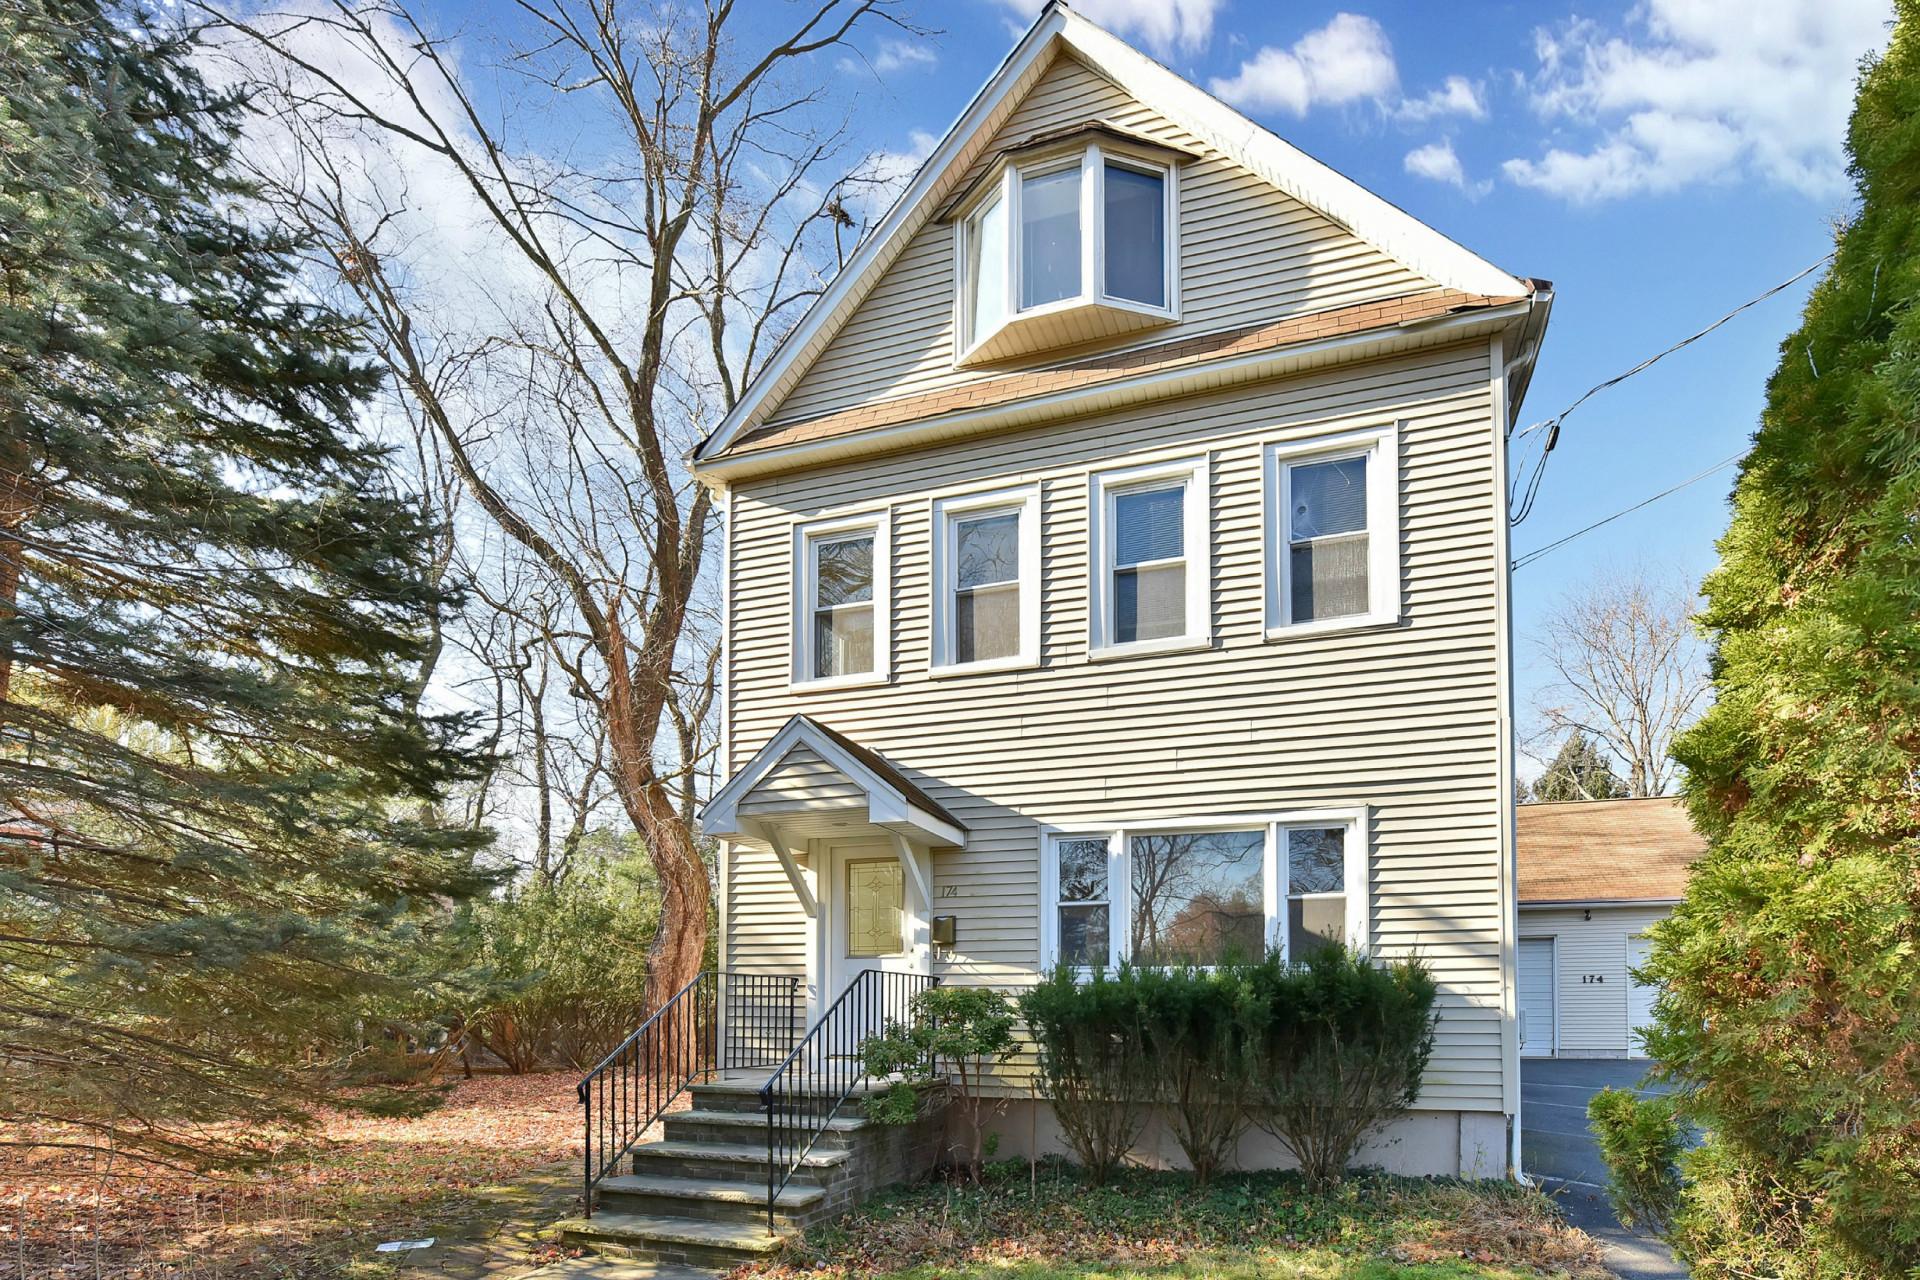 Casa Unifamiliar por un Venta en Great Opportunity 174 Harrington Ave Closter, Nueva Jersey 07624 Estados Unidos